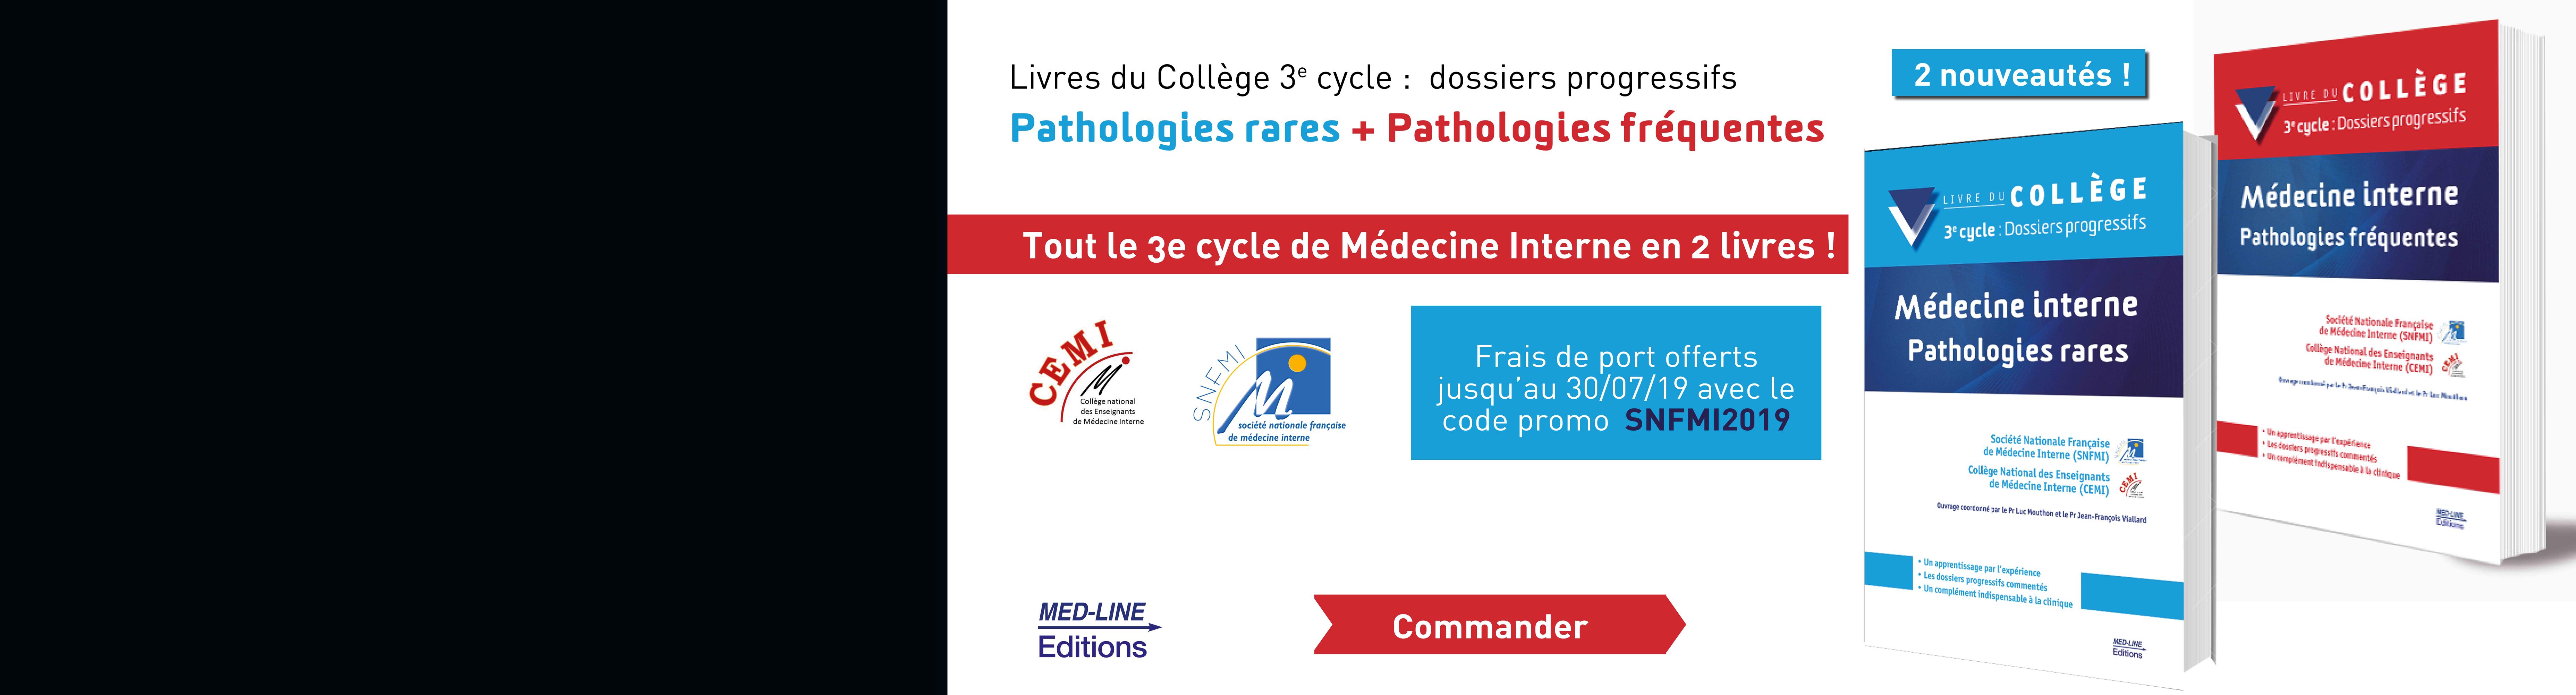 Protocole National de Diagnostic et de Soins (PNDS) | SNFMI